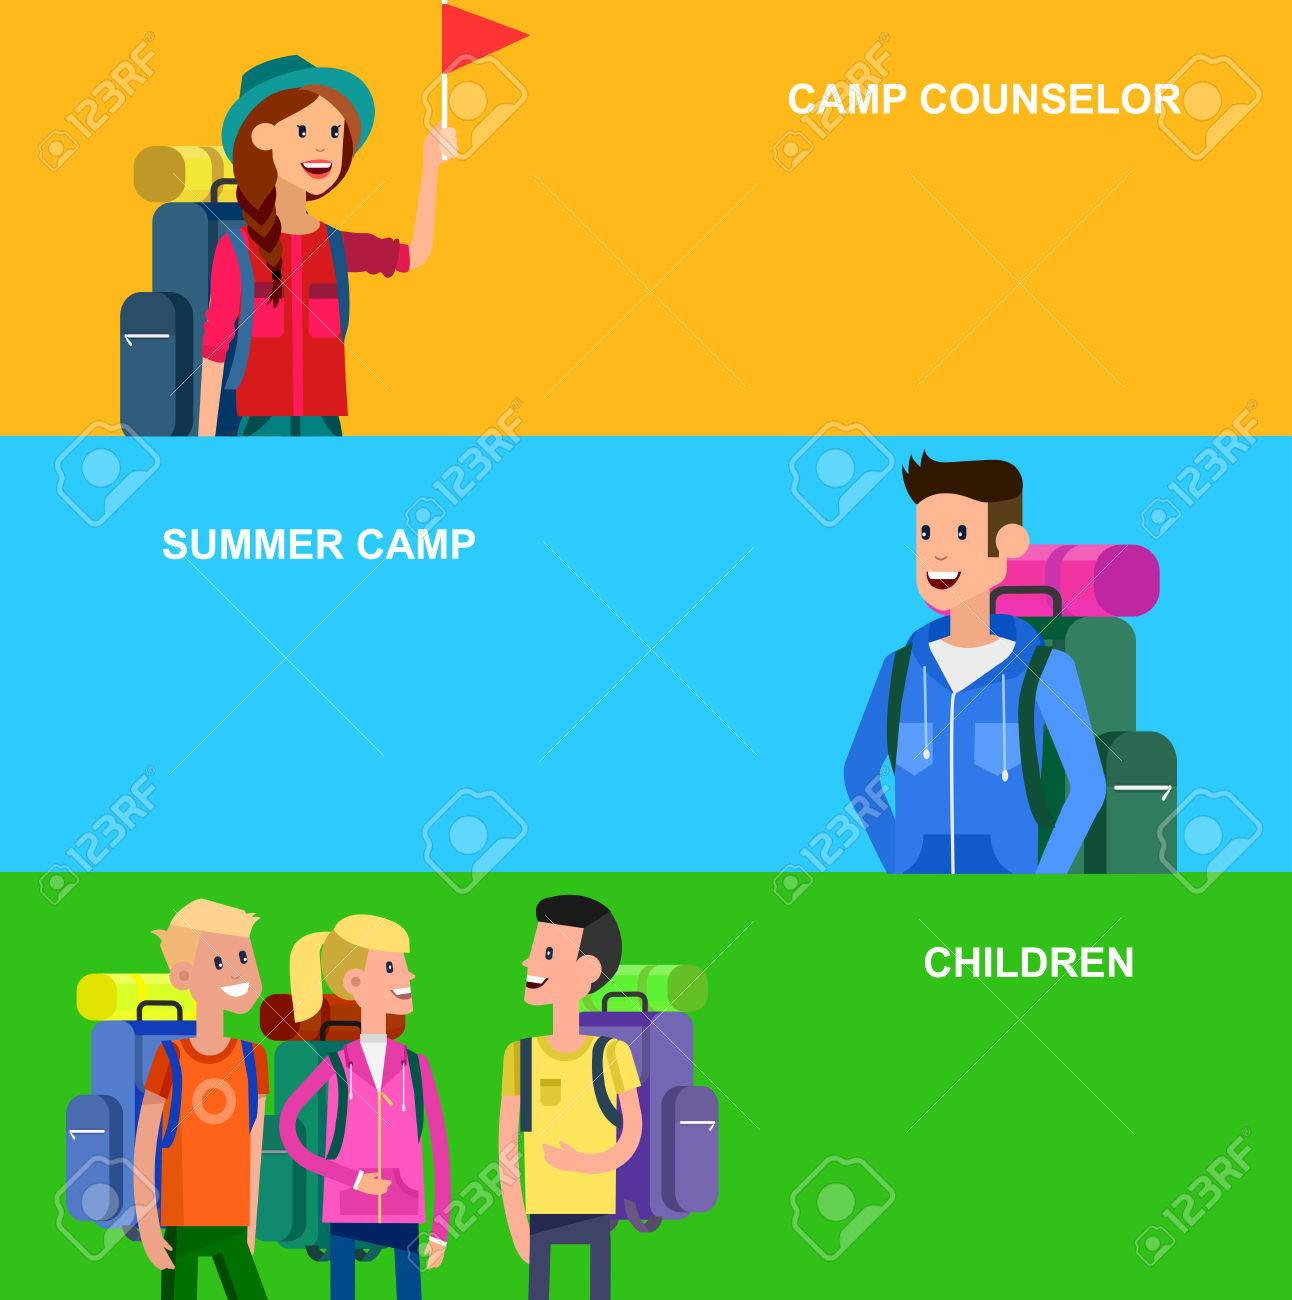 Excelente Se Reanuda El Consejero Del Campamento Imagen - Ejemplo De ...